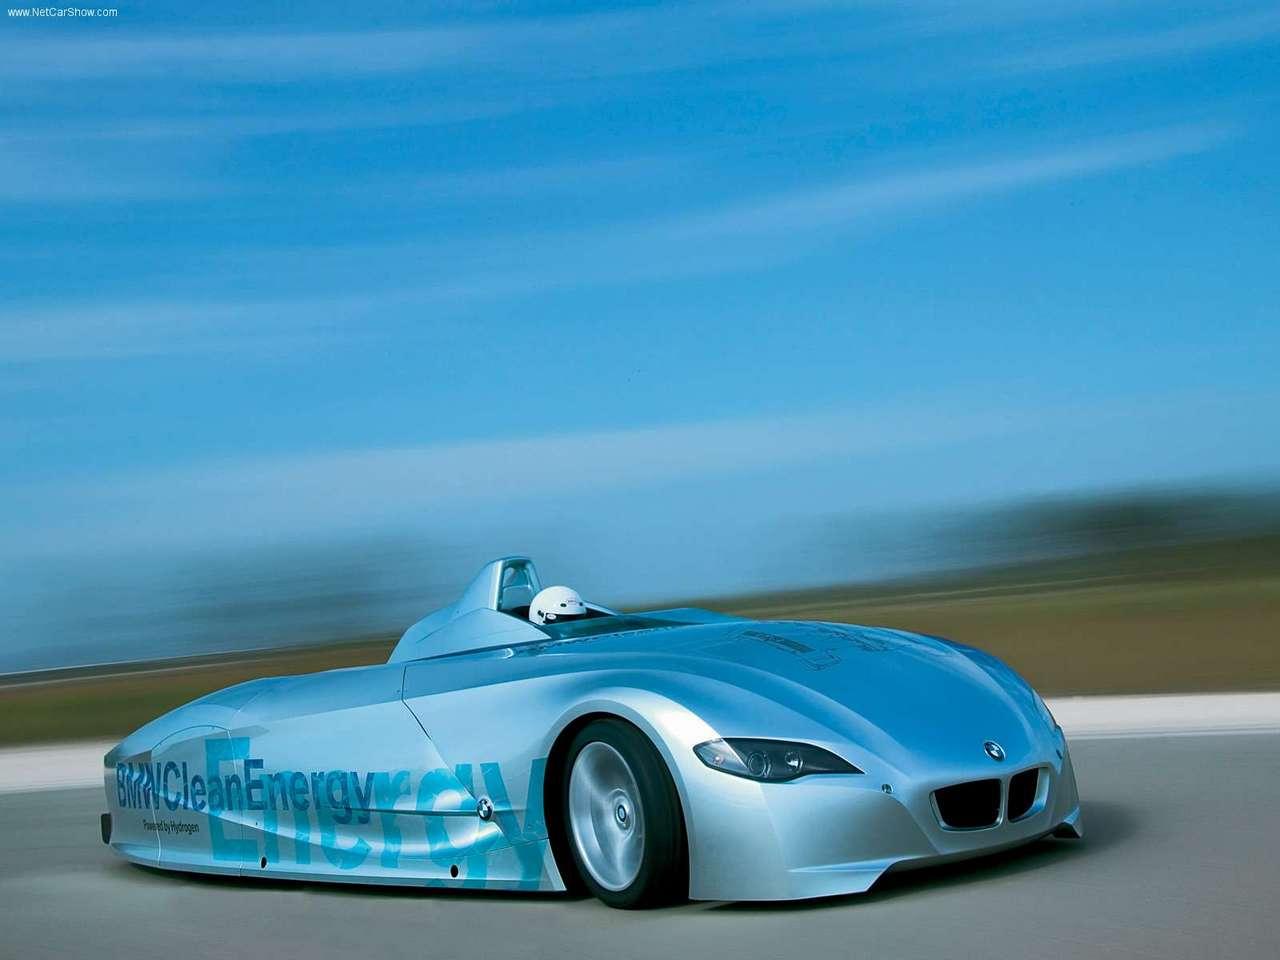 http://4.bp.blogspot.com/_vPMjJG-enrk/TAOUiBGmUWI/AAAAAAAACks/RoRrI2e8URI/s1600/BMW-H2R_2005_1280x960_wallpaper_01.jpg